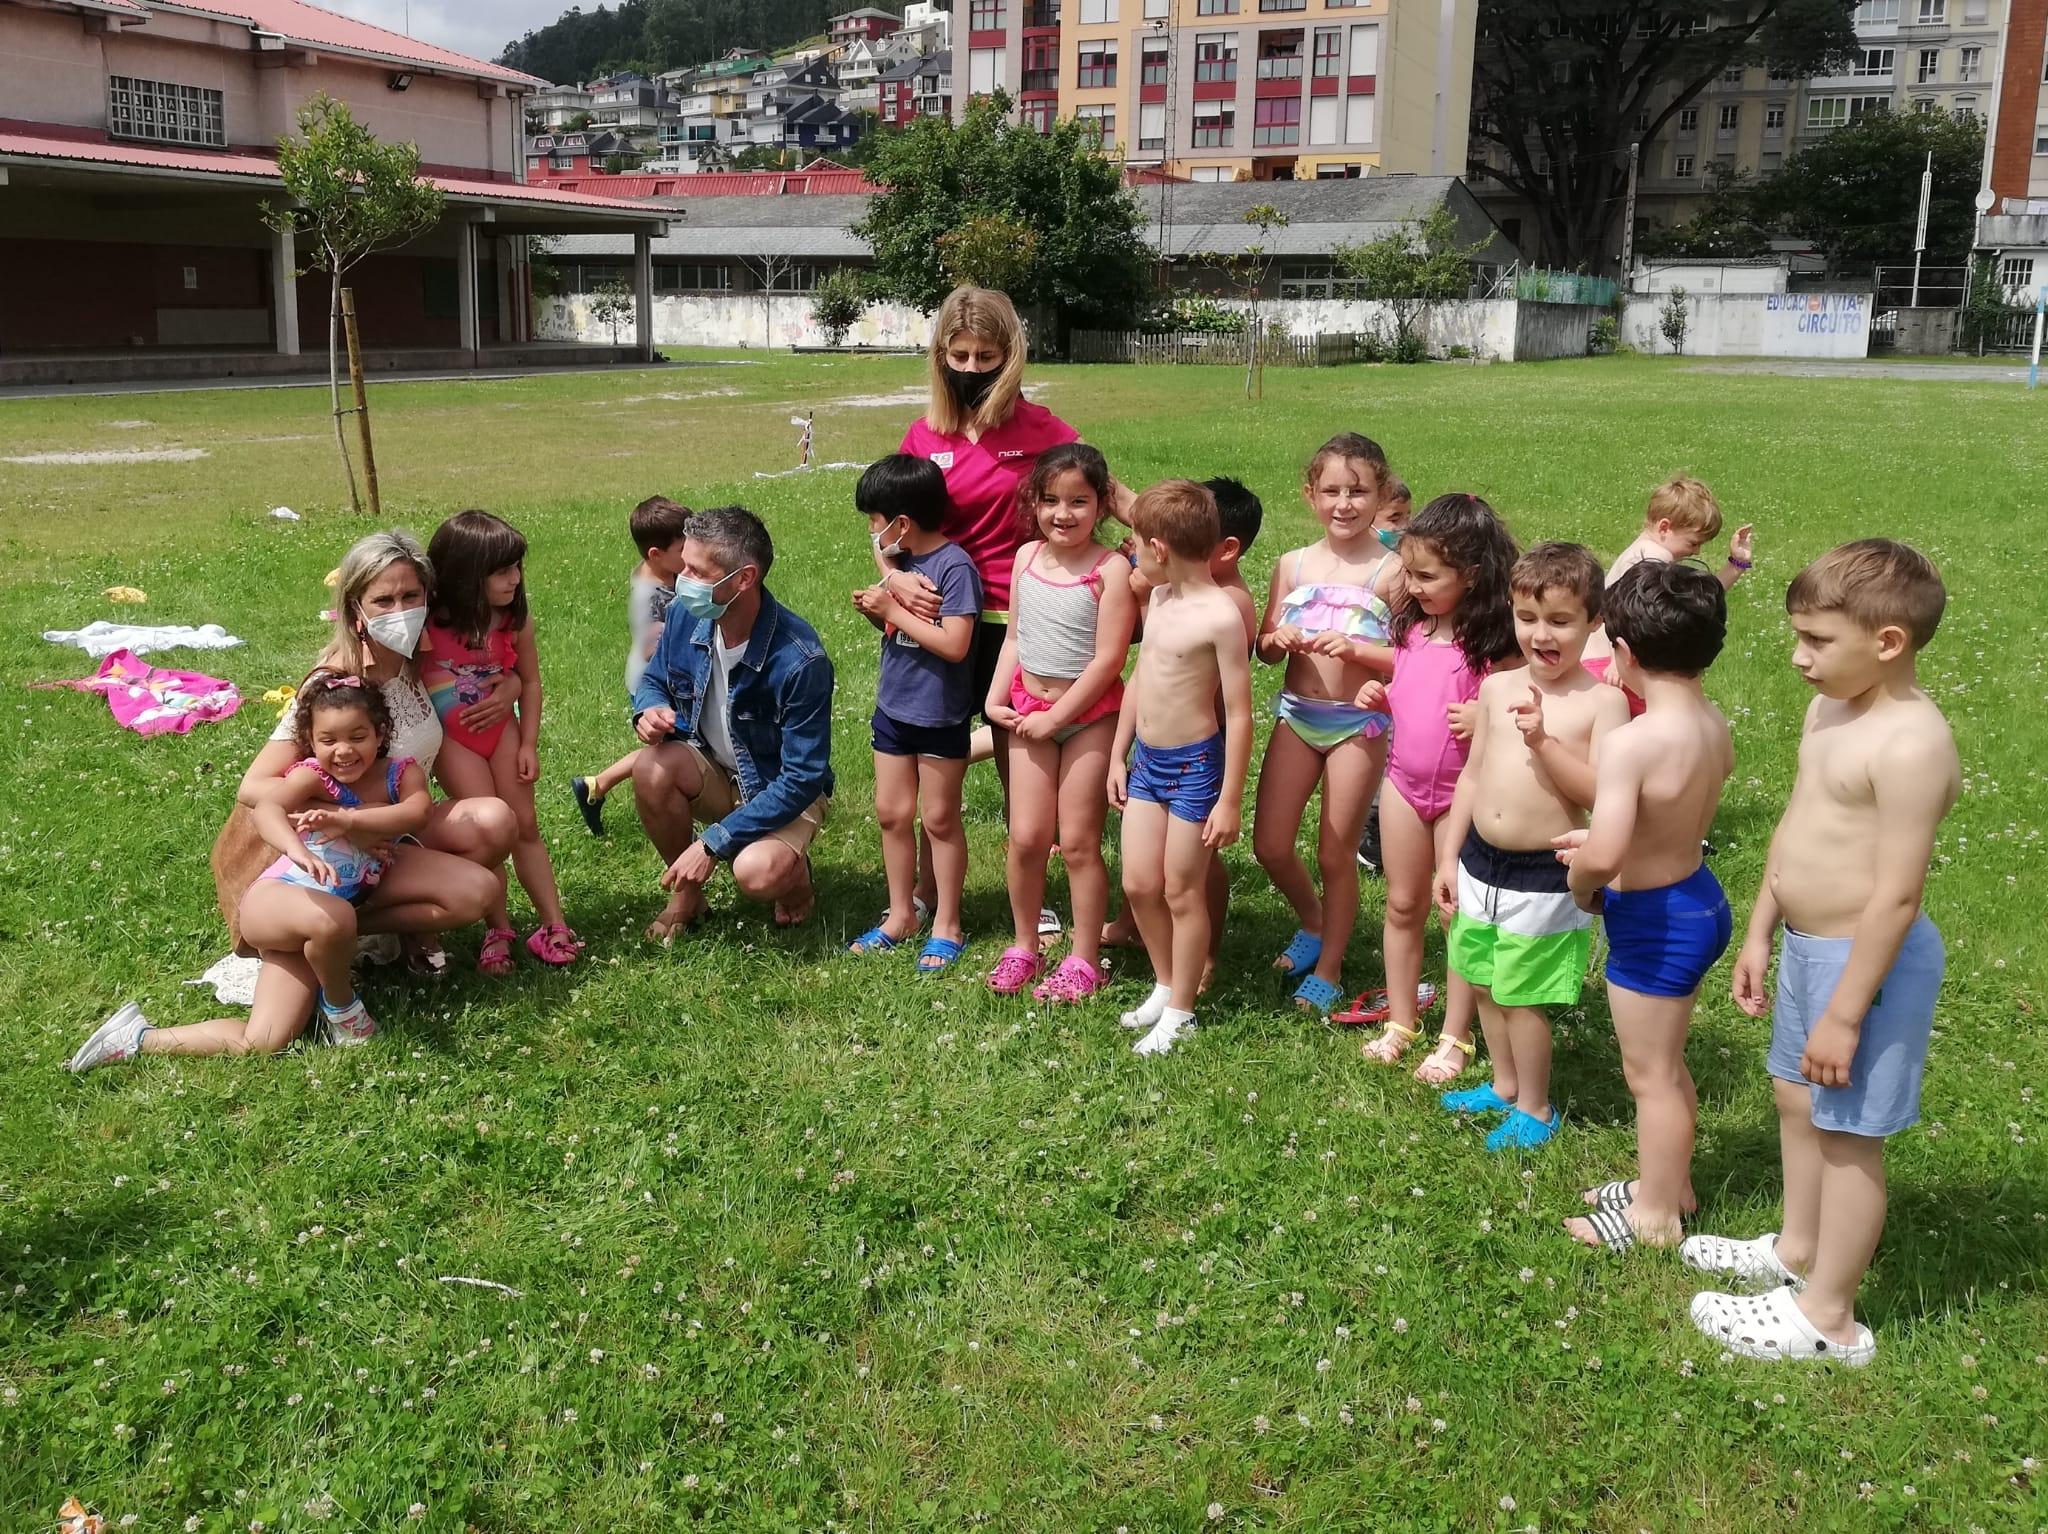 A alcaldesa de Viveiro, María Loureiro, e o concelleiro de Xuventude e Educación, Emilio Villarmea, visitaron o Campamento Urbano de Verán, un servizo que iniciou a súa prestación o pasado luns e que se prolongará ata o 27 de agosto